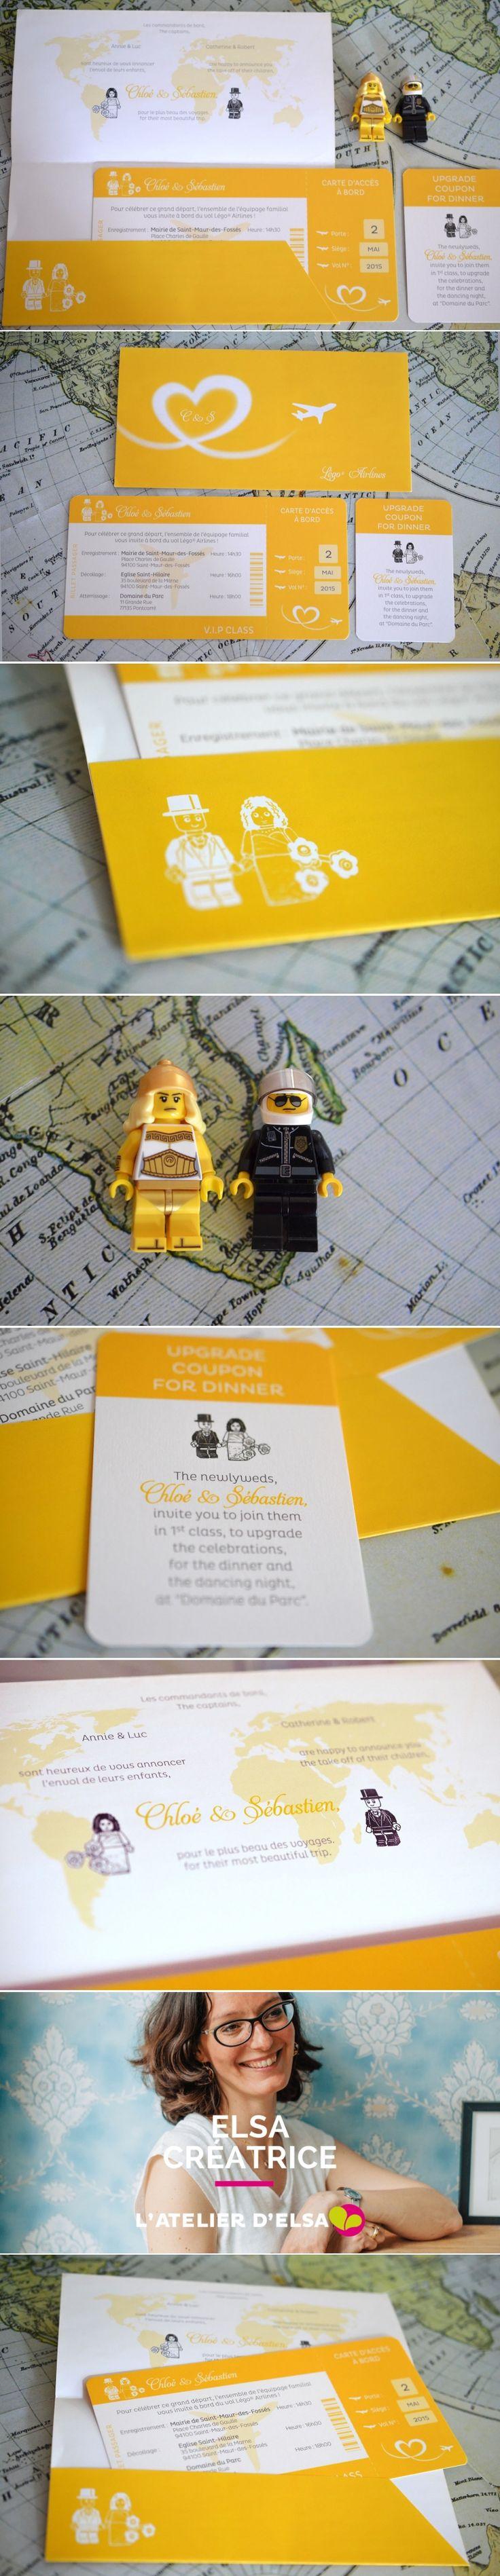 Faire-part Voyage Lego • Invitation mariage billet d'avion + Carte Lego d'embarquement Creation L'Atelier d'Elsa • Lego Wedding Airline Ticket invitation #weddingInvitation #fairepartMariage #fairepartBilletAvion